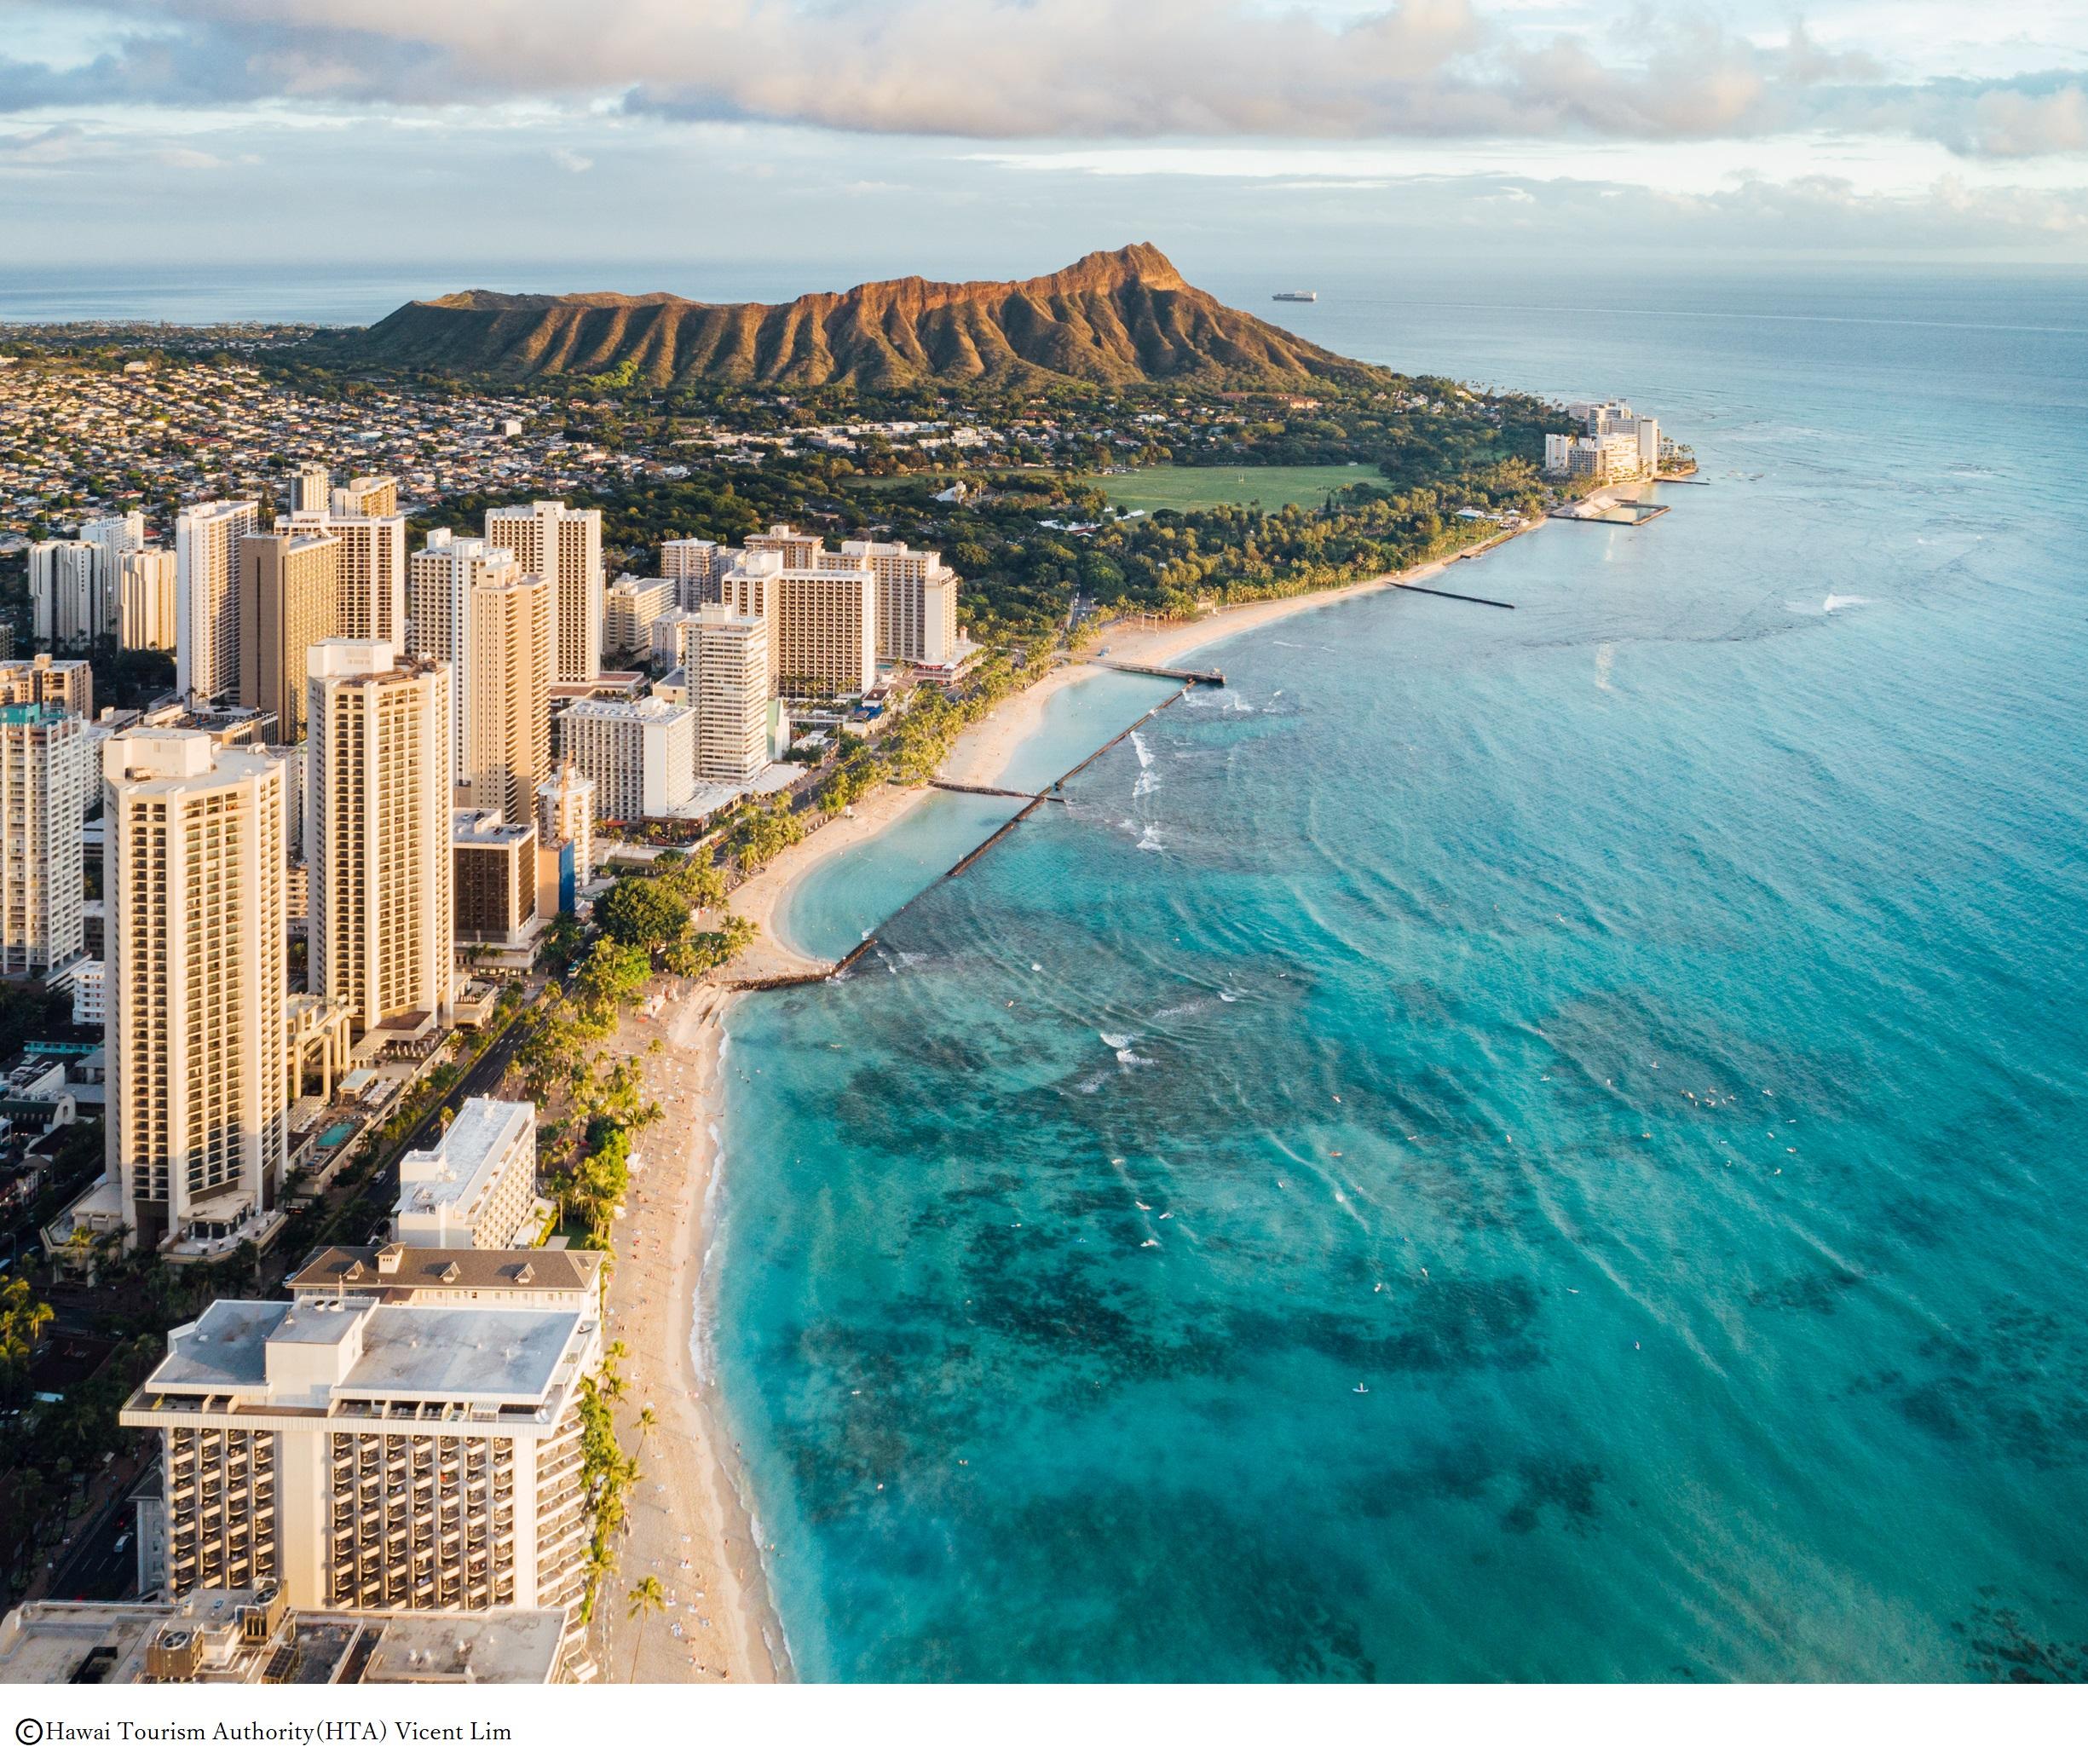 ハワイ州観光局が始めた、在宅応援のためのWebサイト「おうちでハワイ」って?